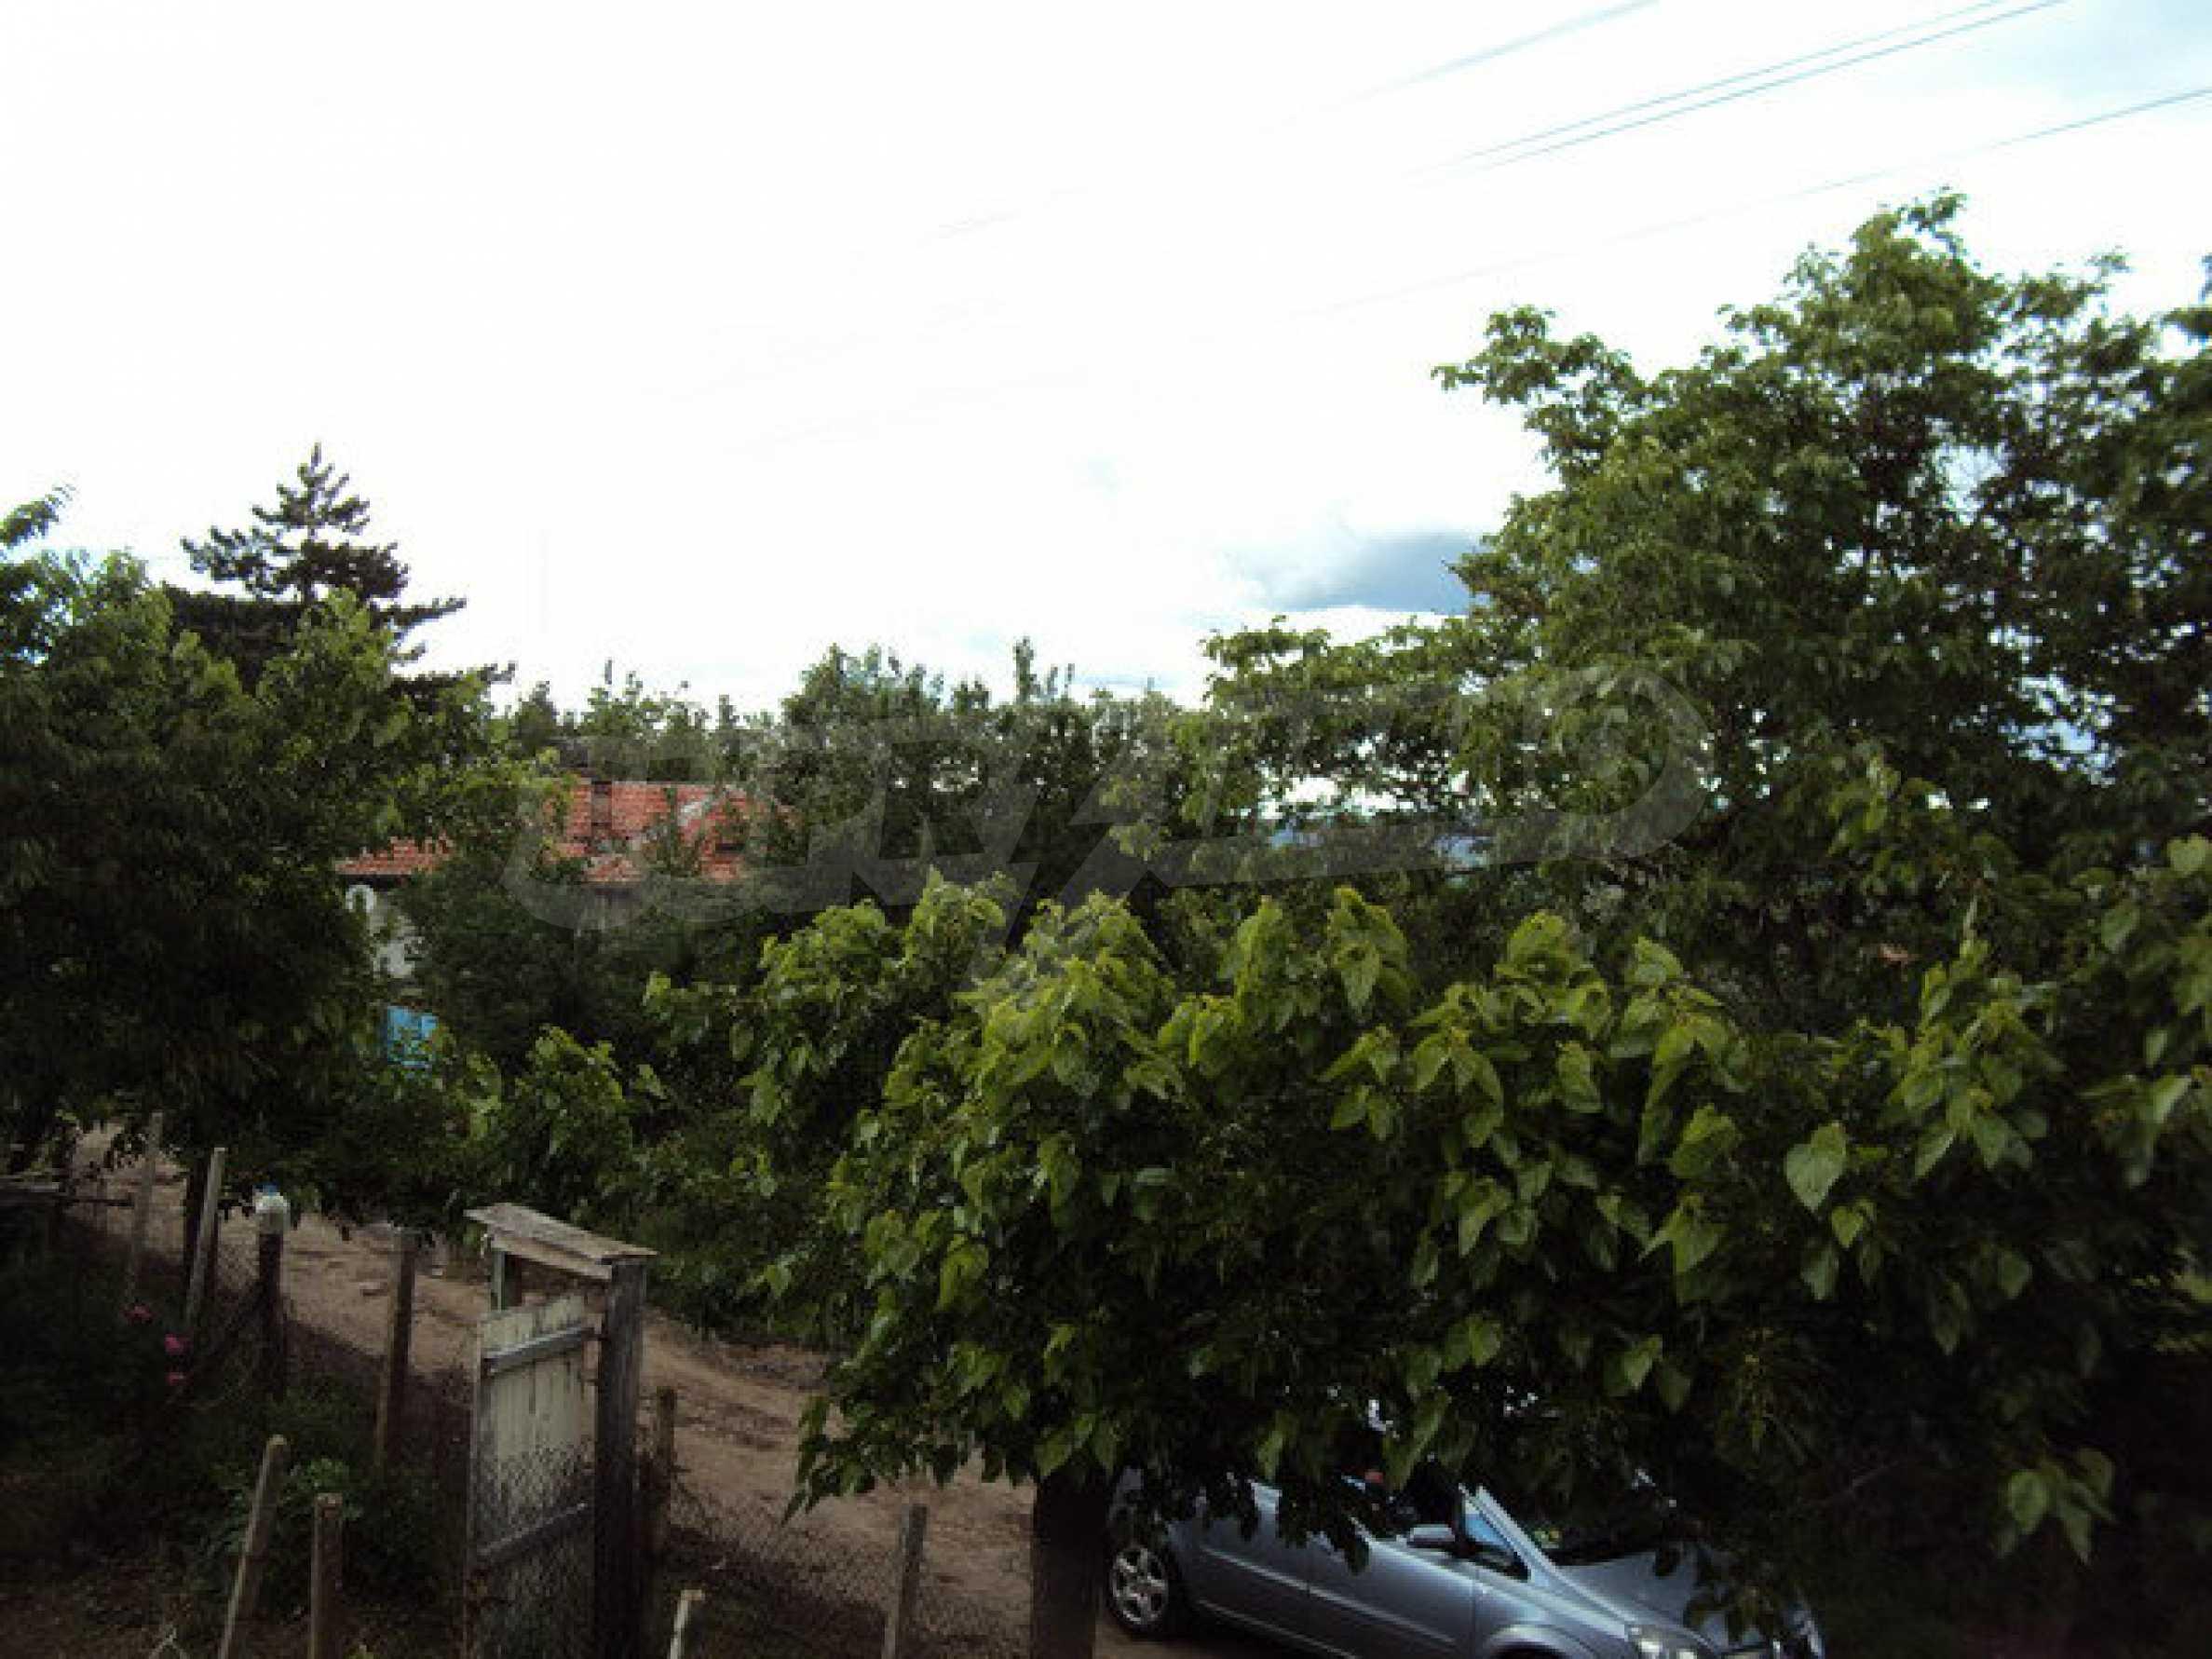 Zweistöckiges Landhaus mit Garten 50 km. von der alten Hauptstadt Veliko Tarnovo 19